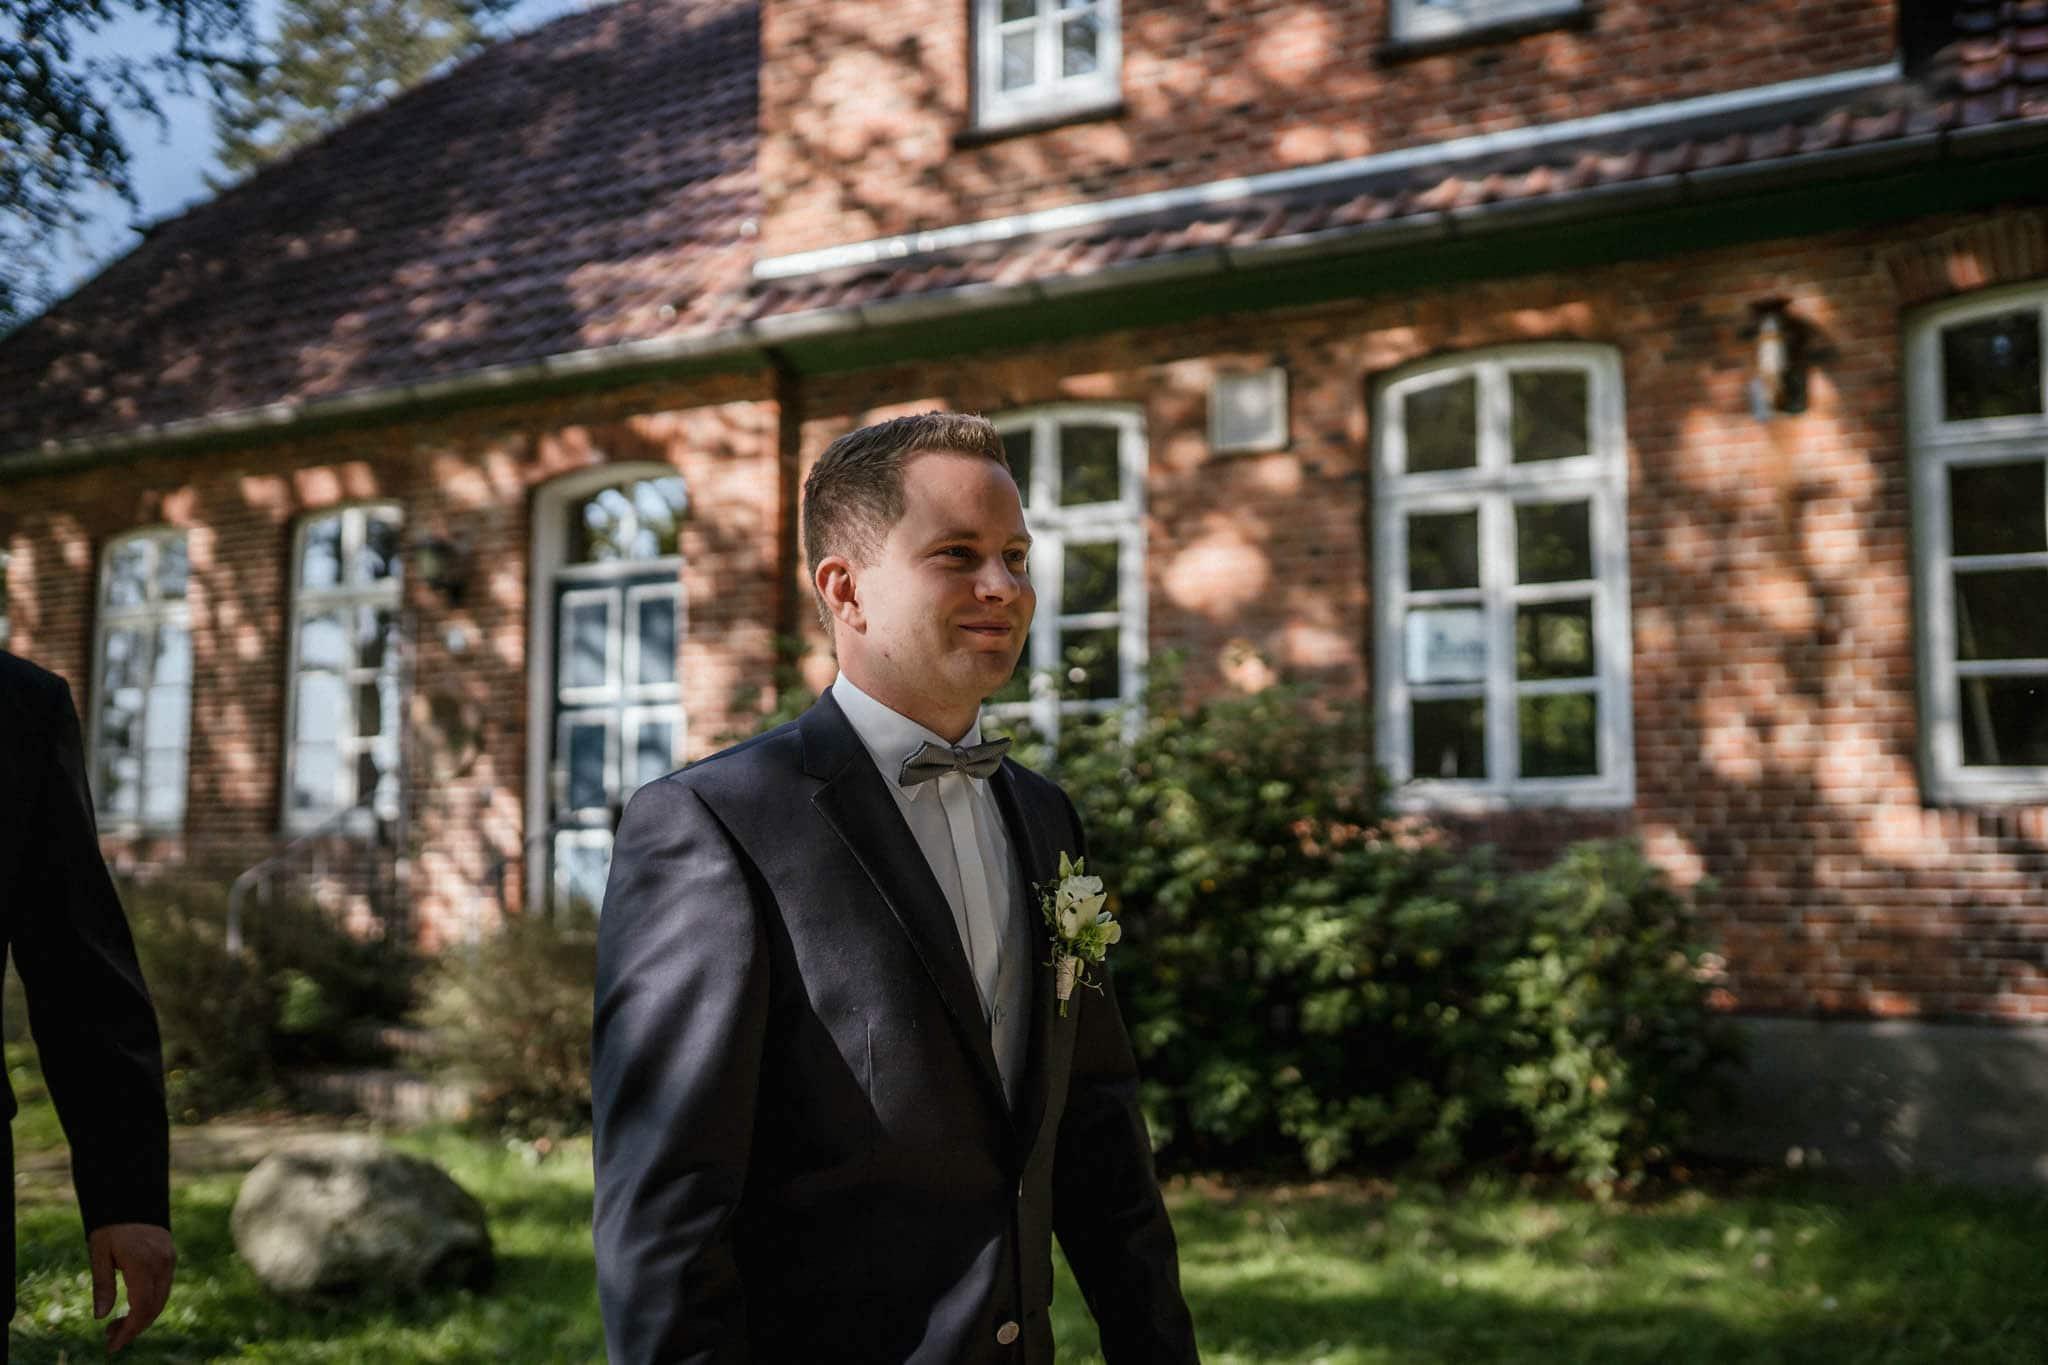 Hochzeitsfieber by Photo-Schomburg, Hochzeitsfotograf, Hamburg,Bremen, wedding, Hochzeitsshooting, Hochzeitstag-15